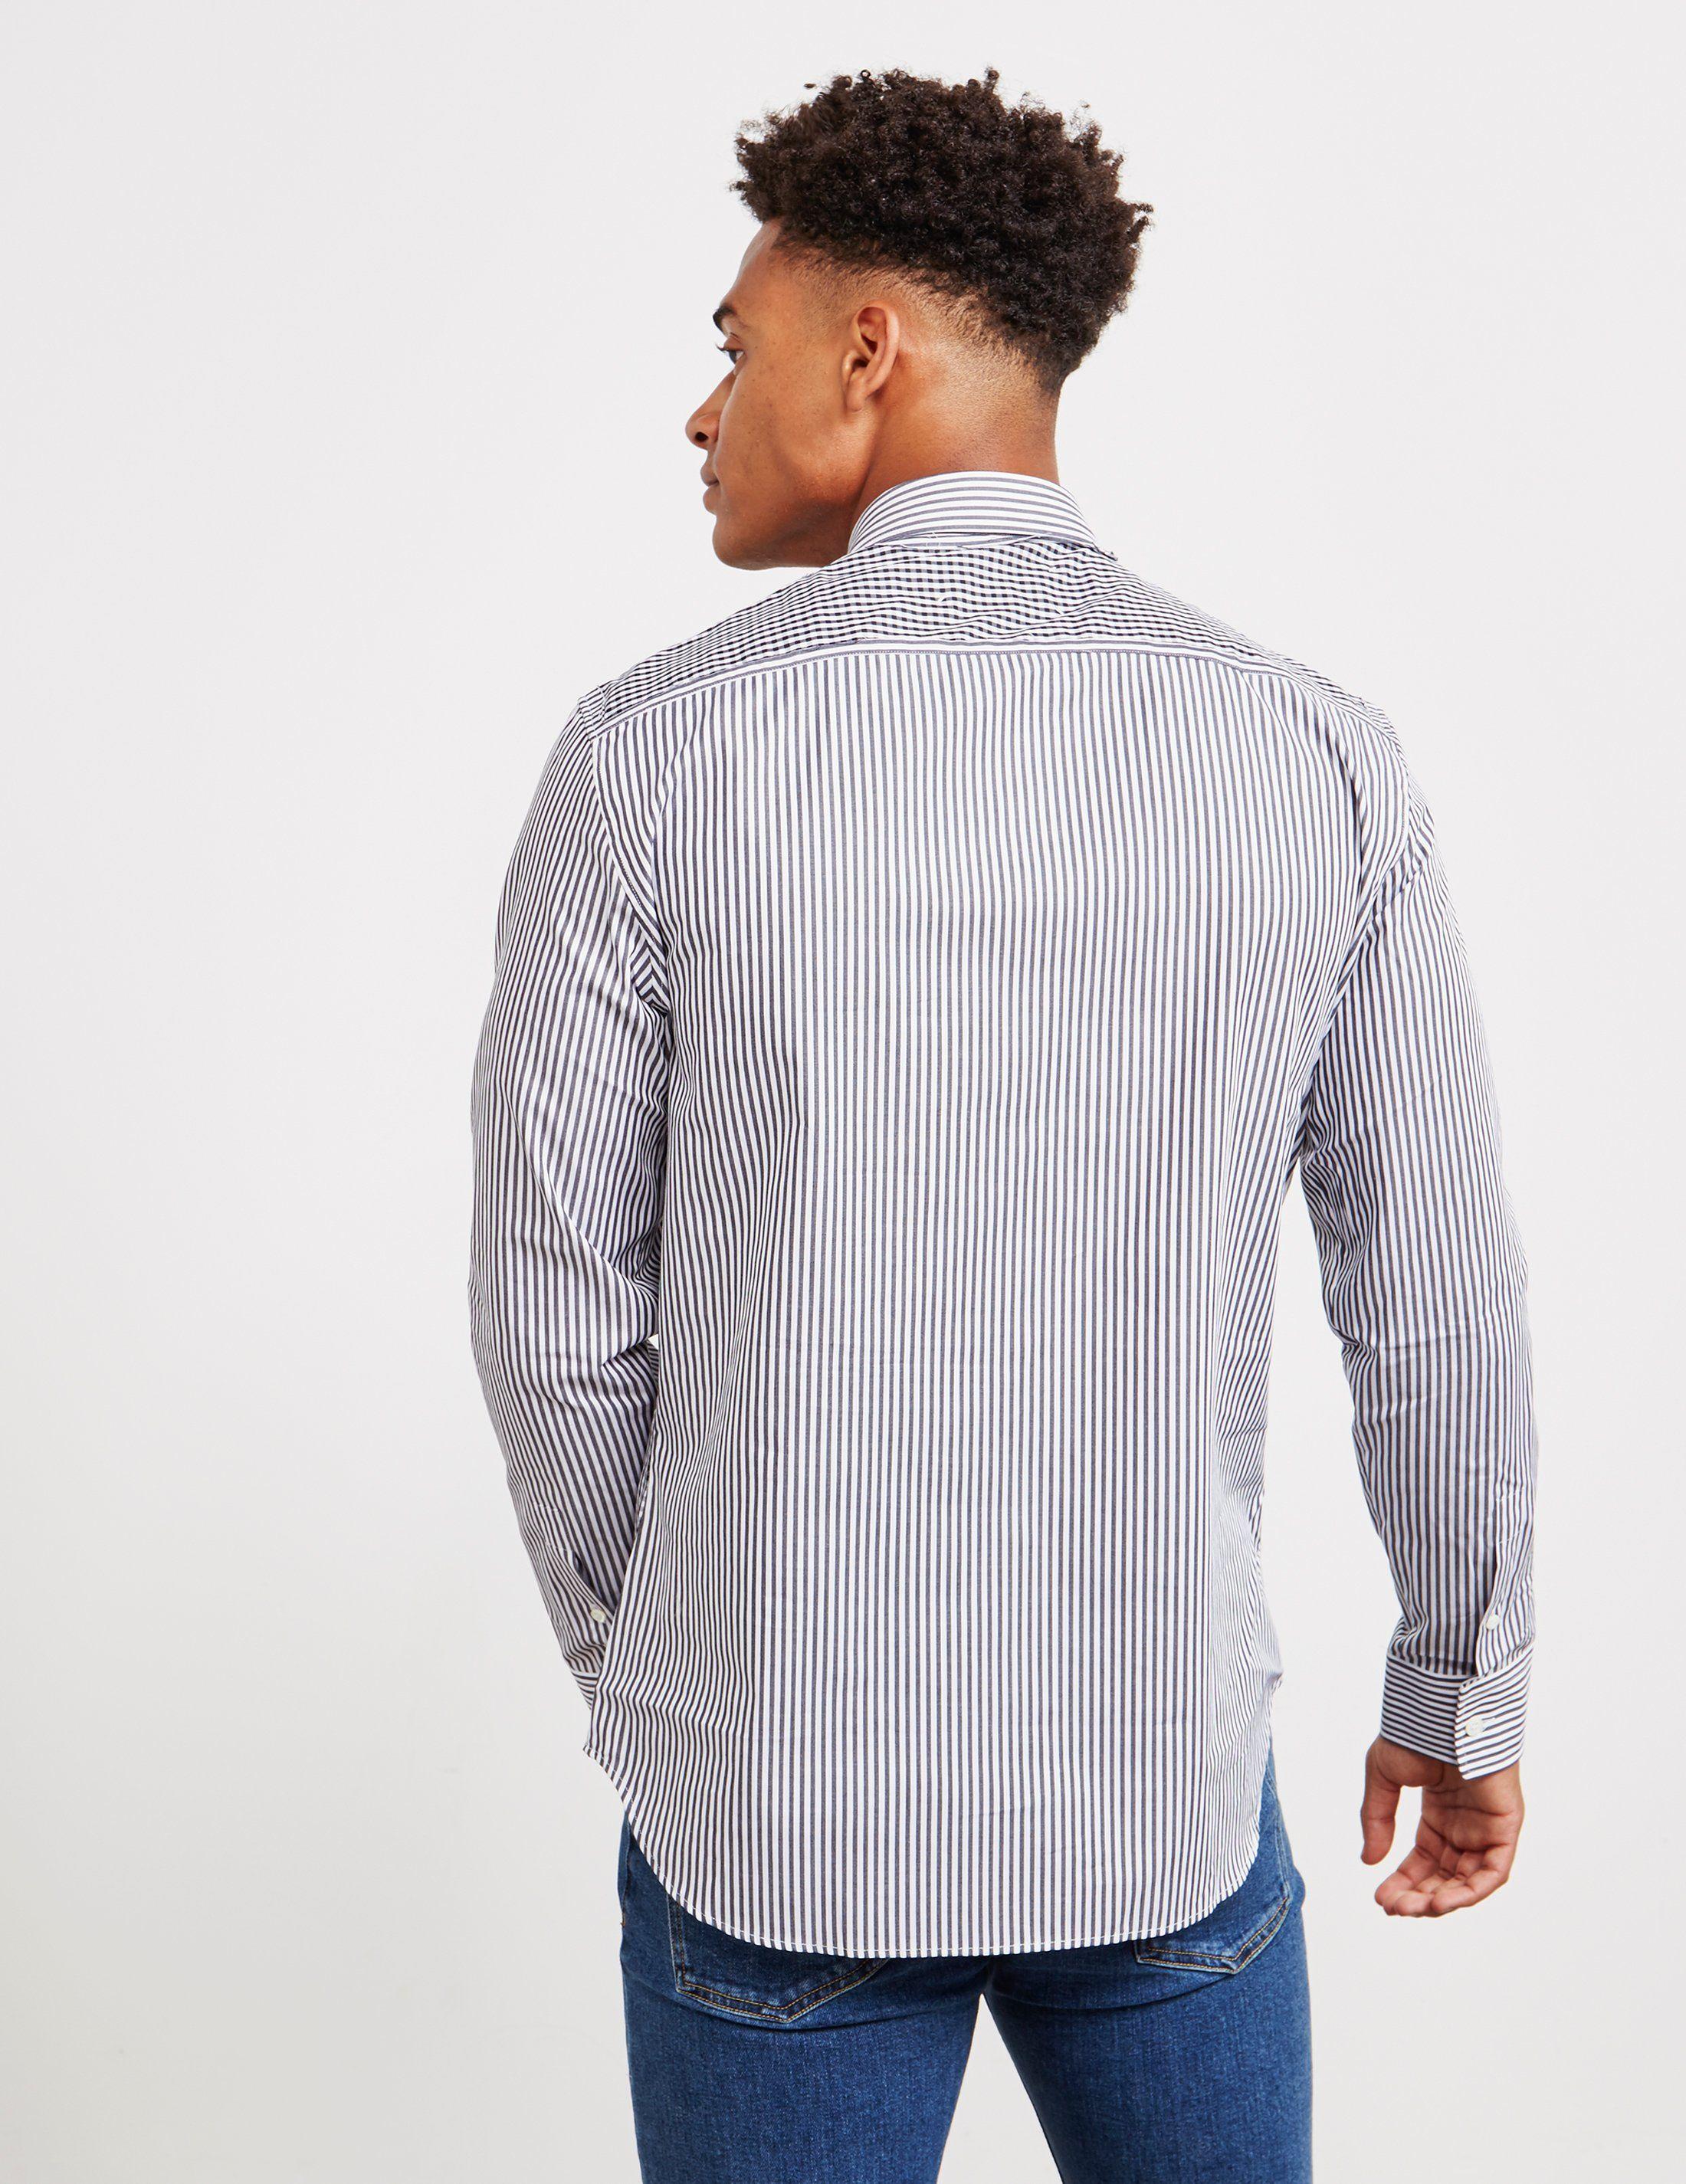 Maison Margiela Check Long Sleeve Shirt